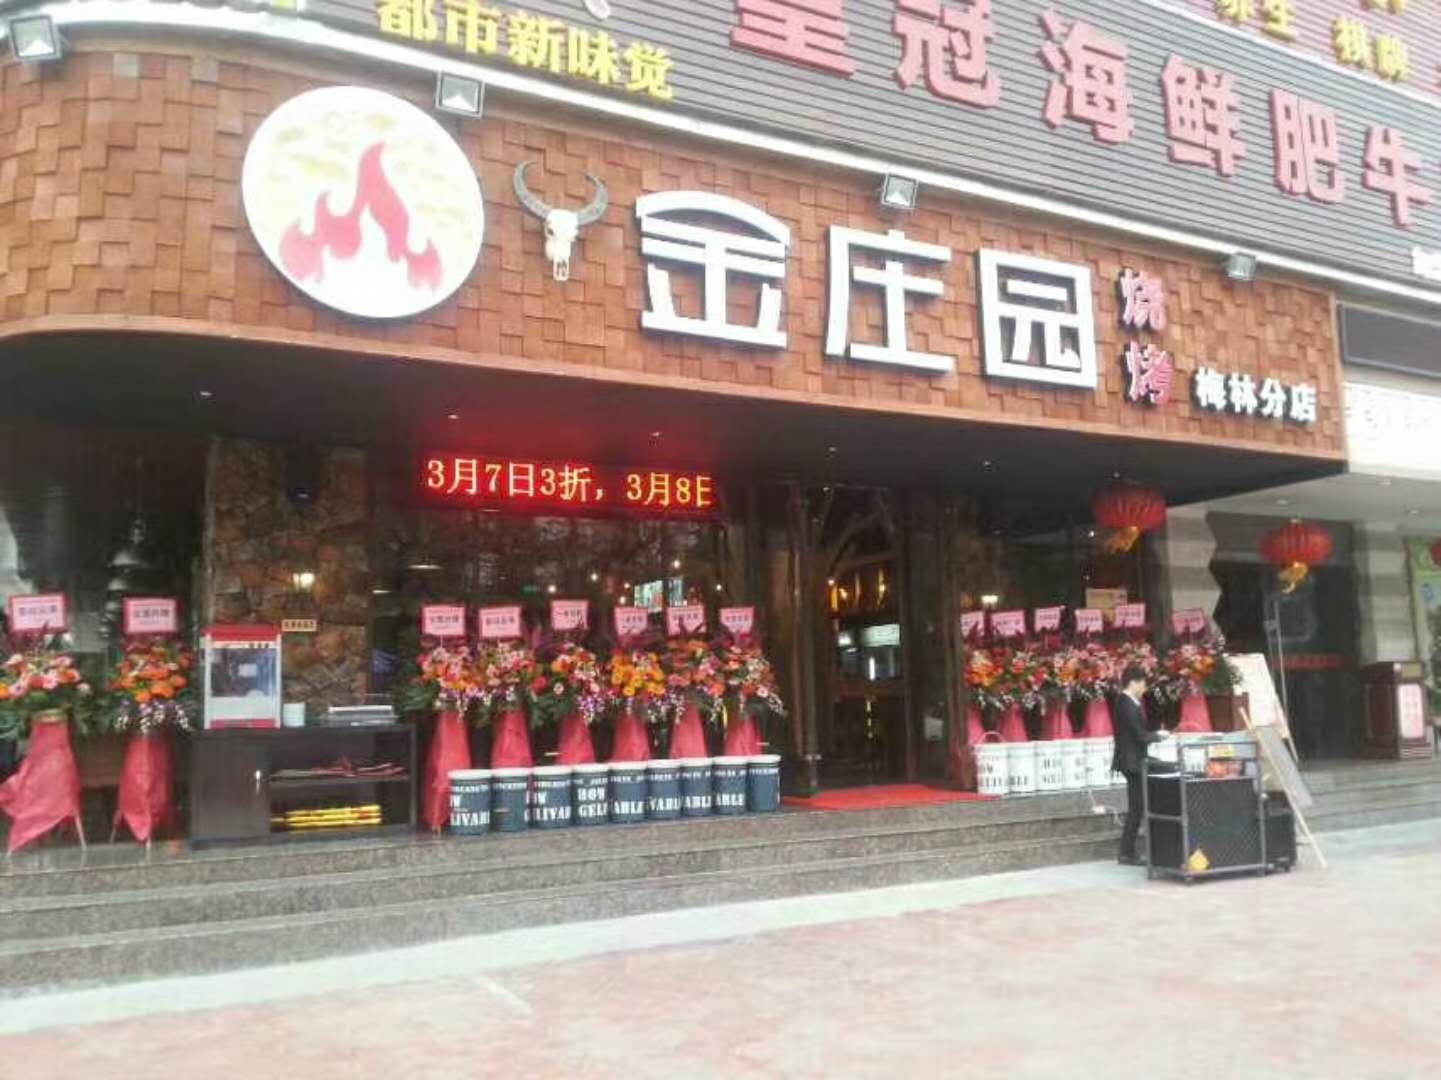 金庄园烧烤加盟品牌梅林分店